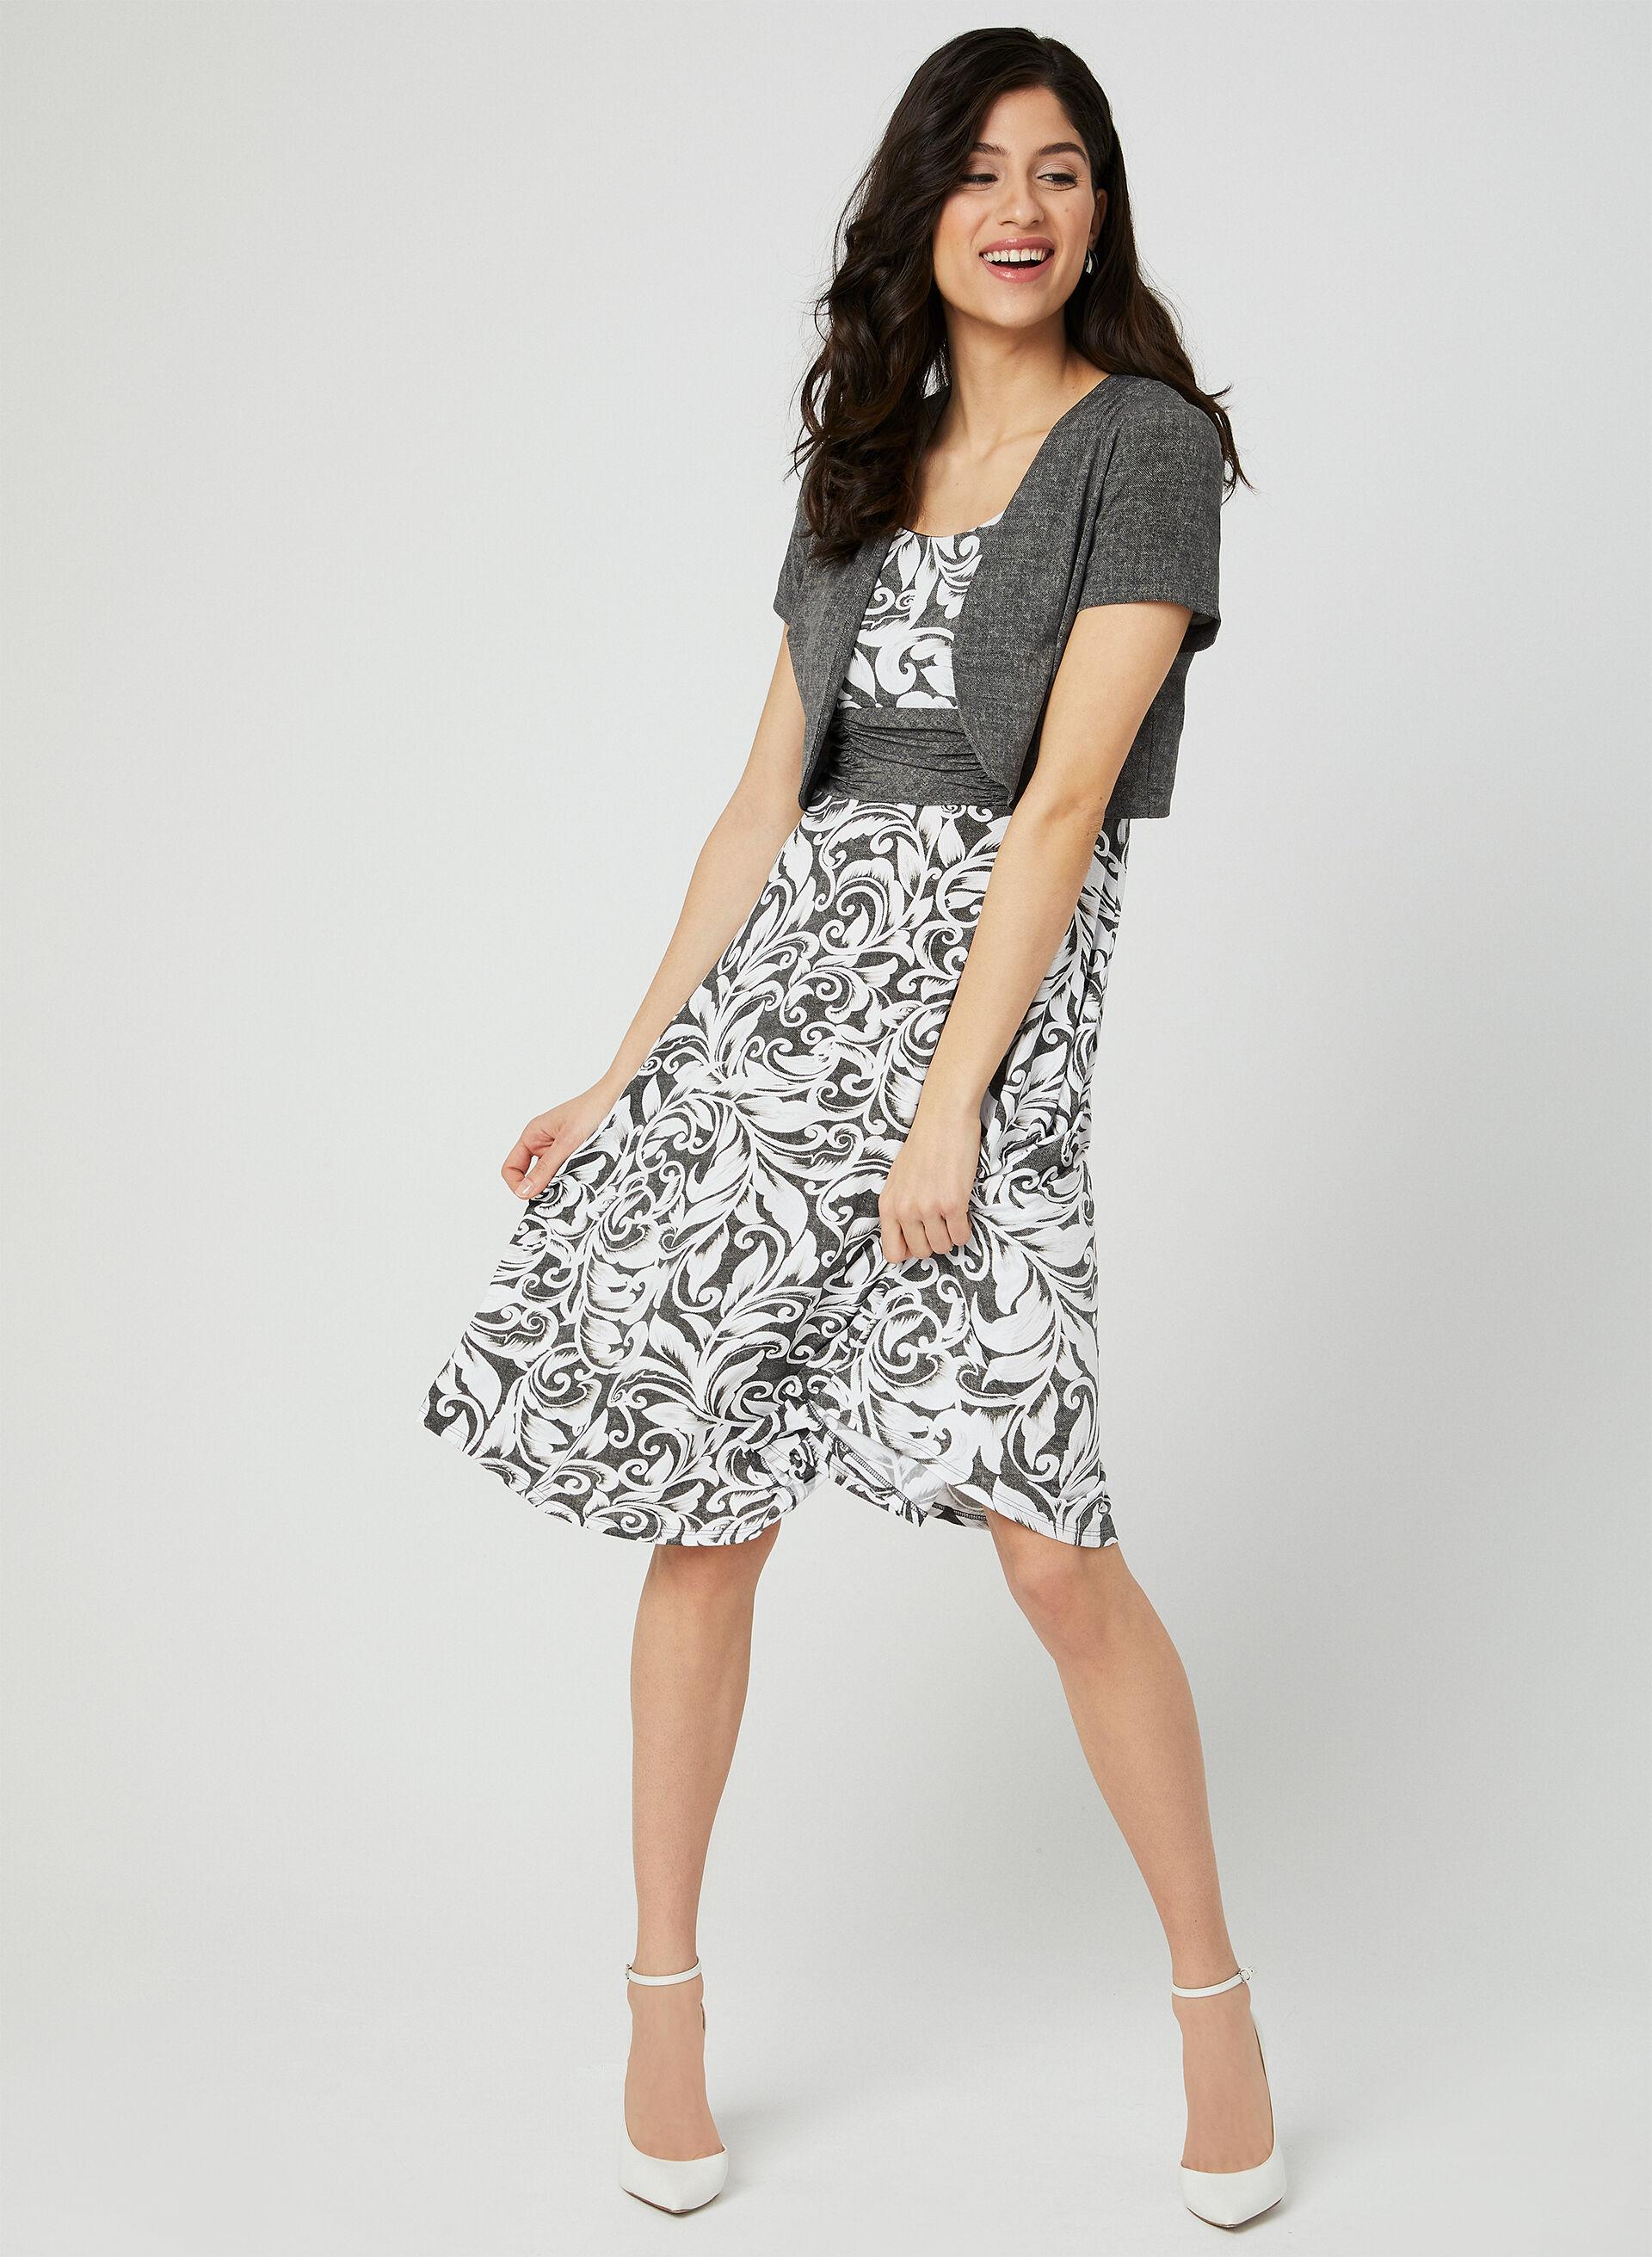 Petite Dresses for Less